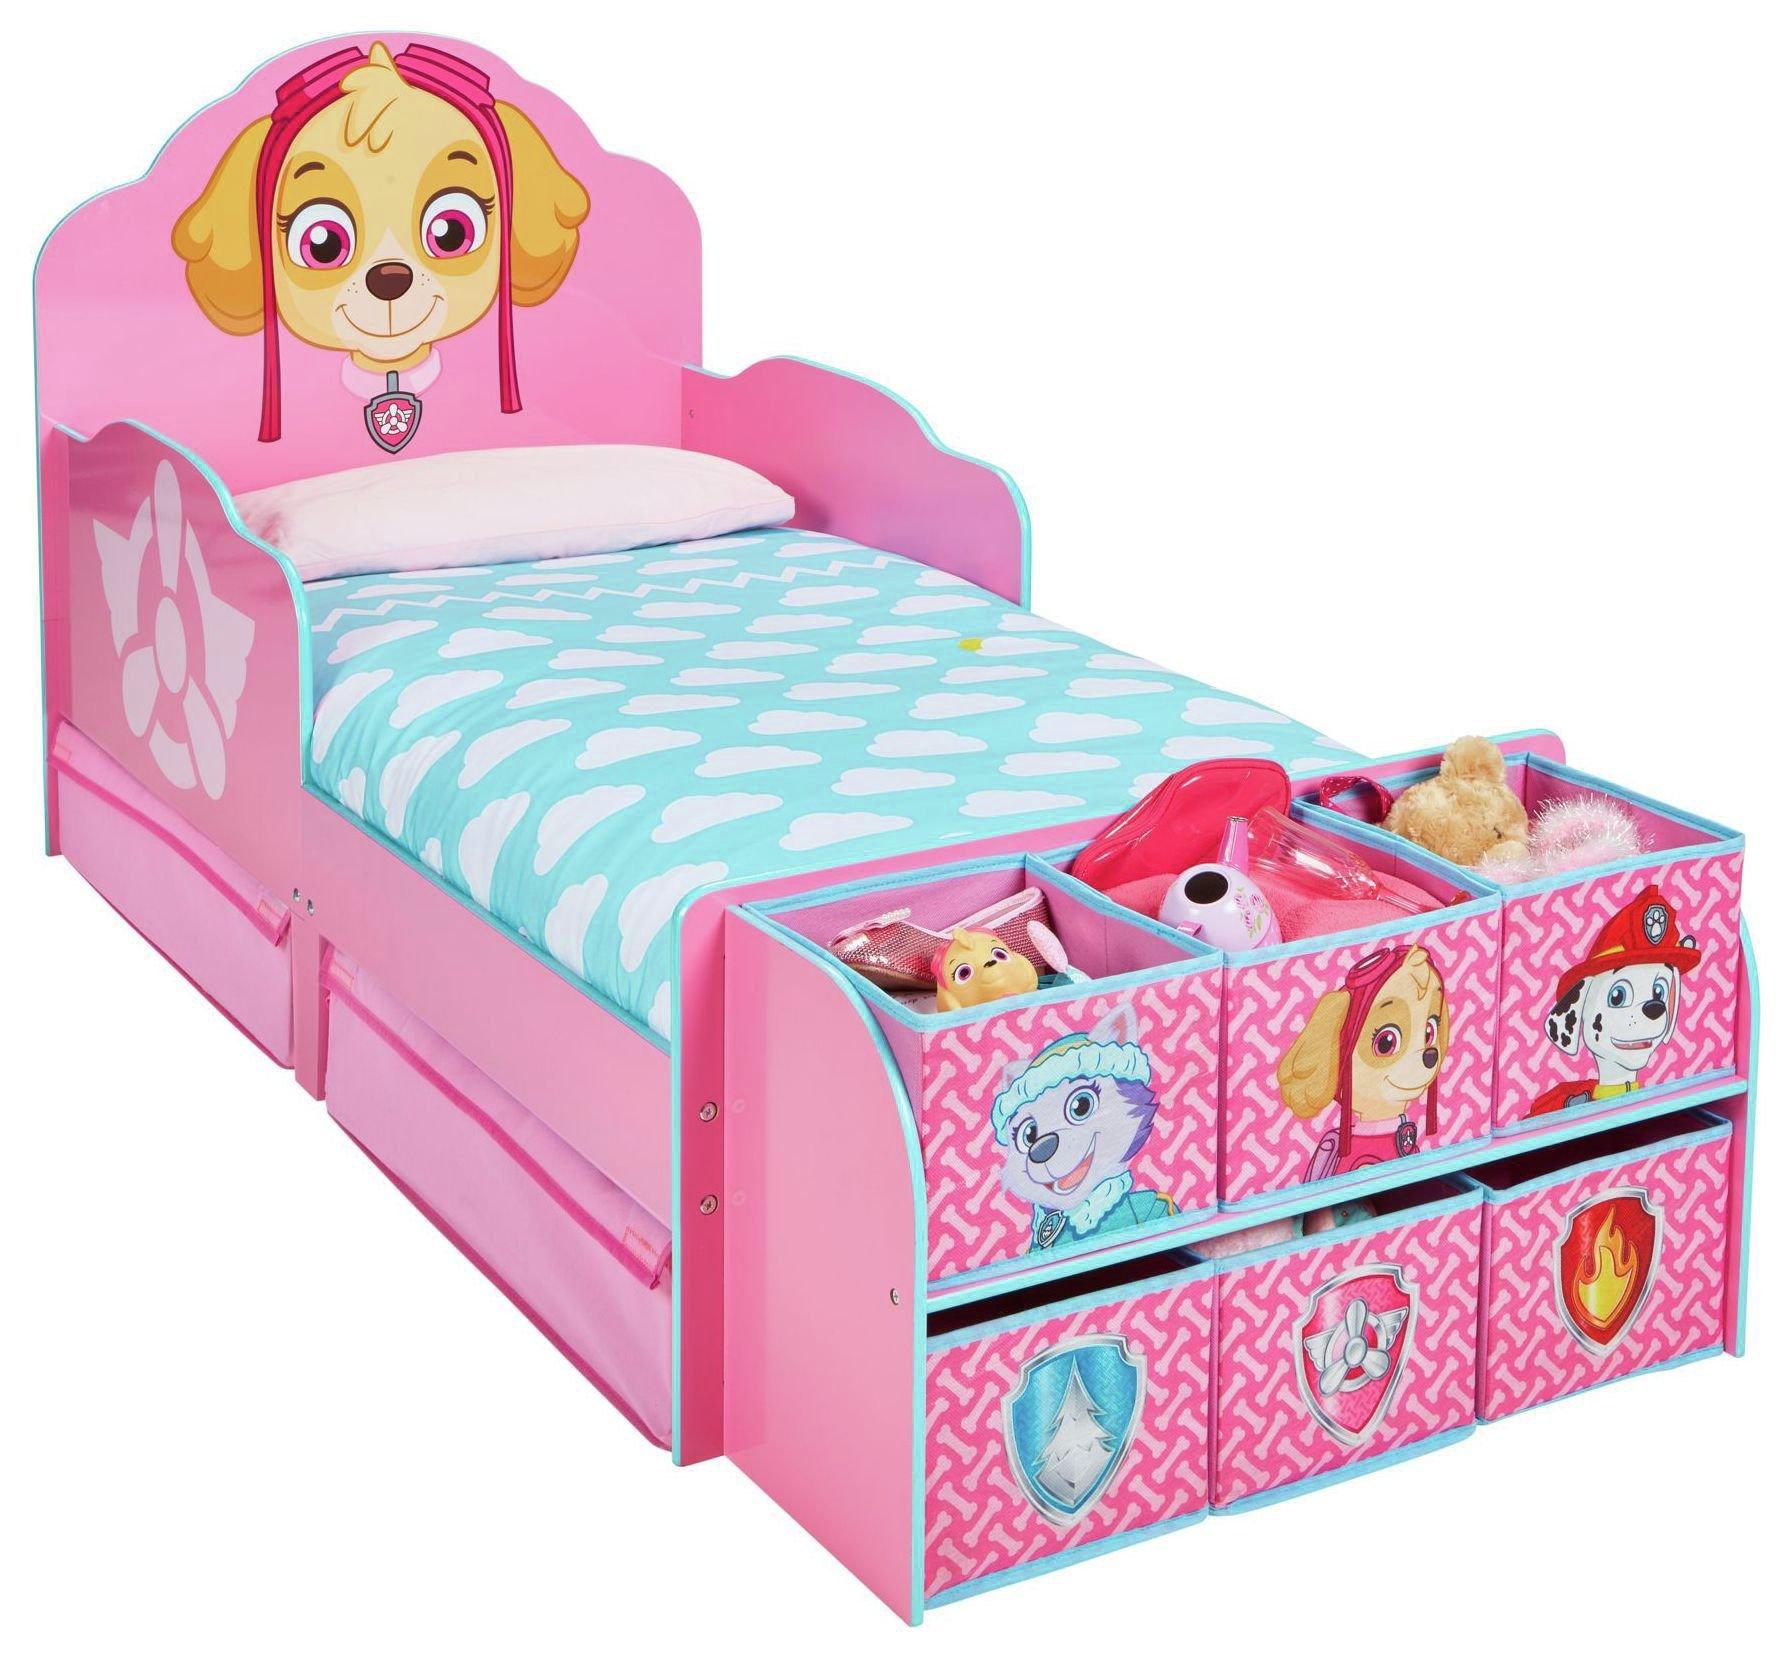 PAW Patrol Skye Cube Toddler Bed Frame.